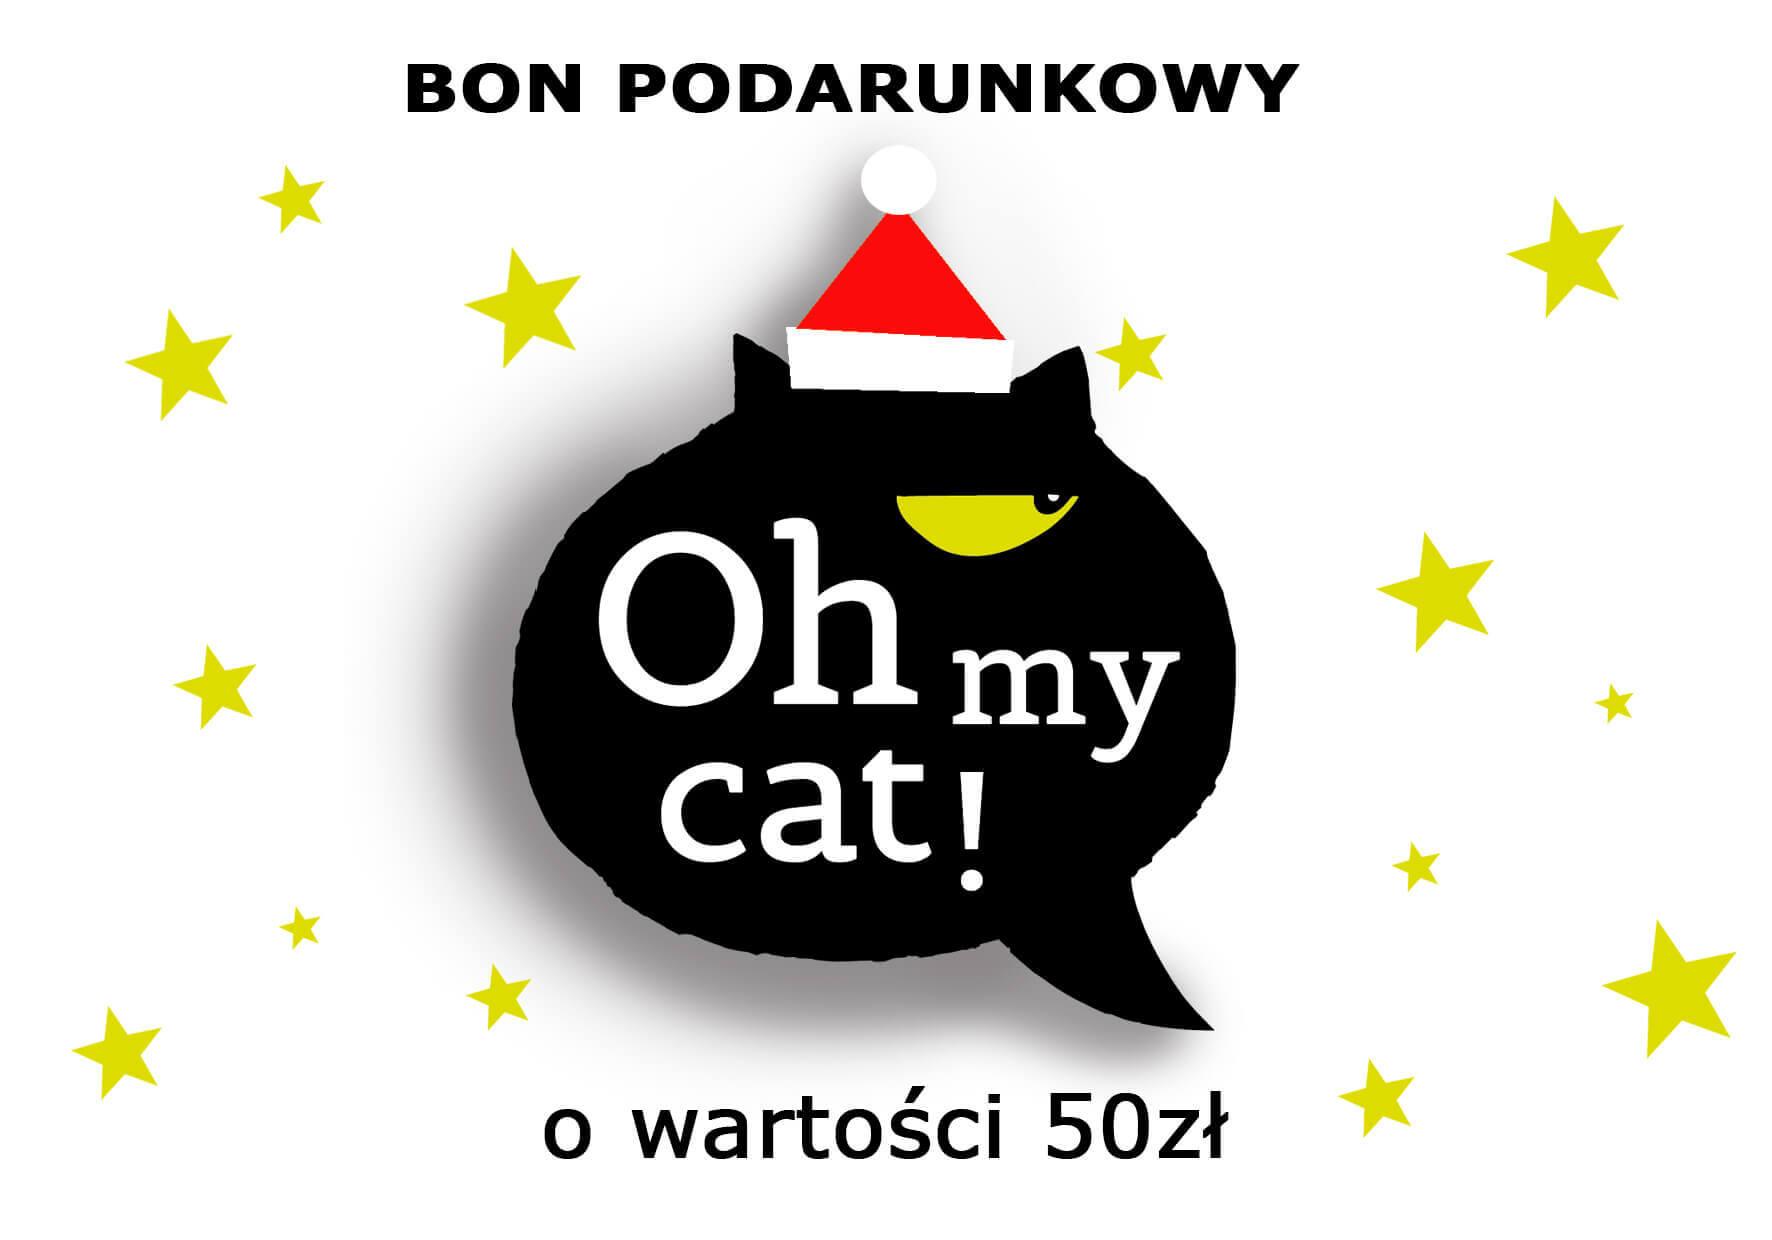 """BON PODARUNKOWY """"OH MY CAT!"""""""